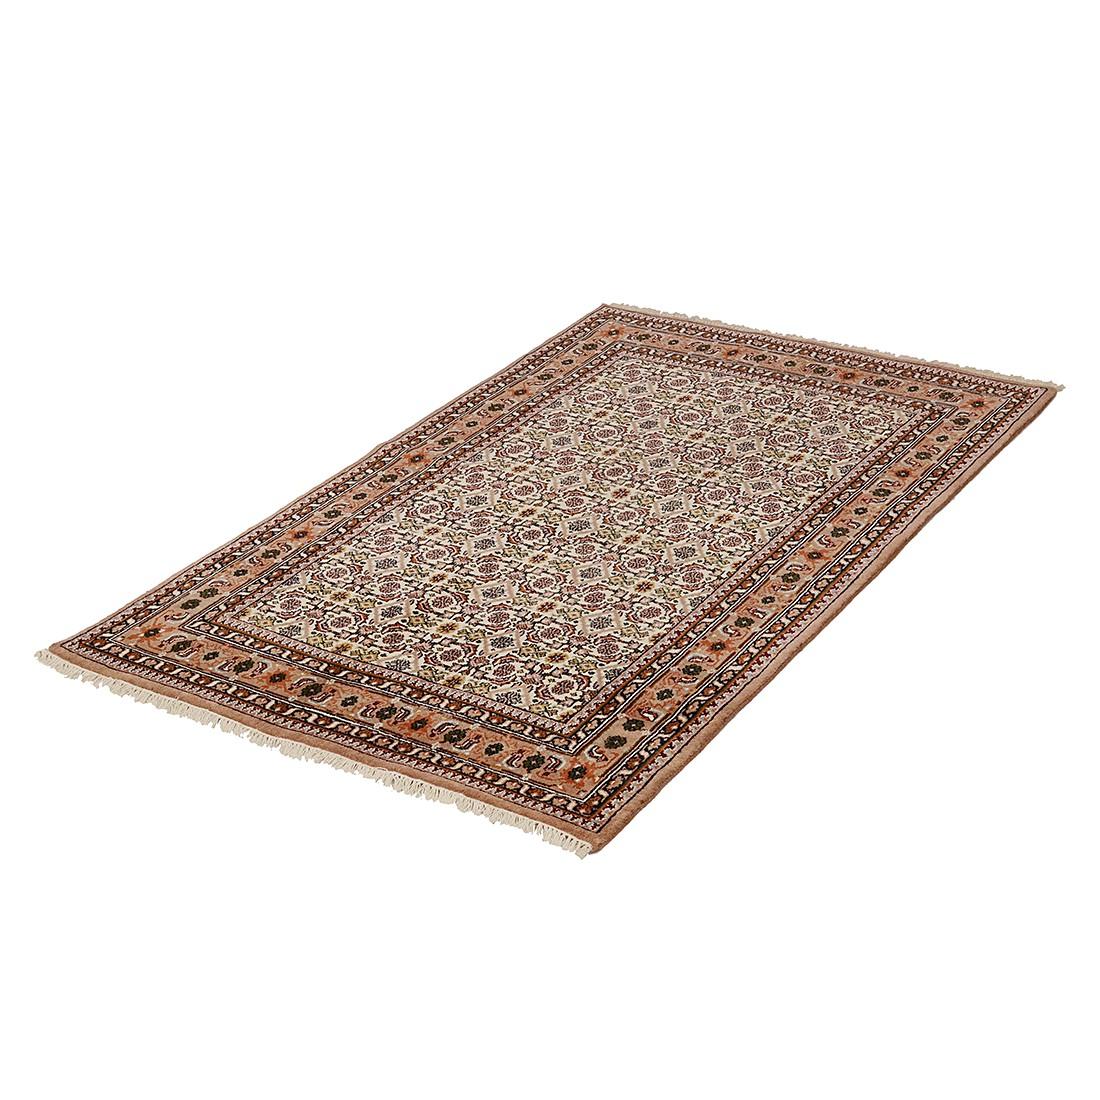 Teppich-Indo Royal Kolkata Beige – Reine Schurwolle – 90 x 160 cm, Parwis günstig